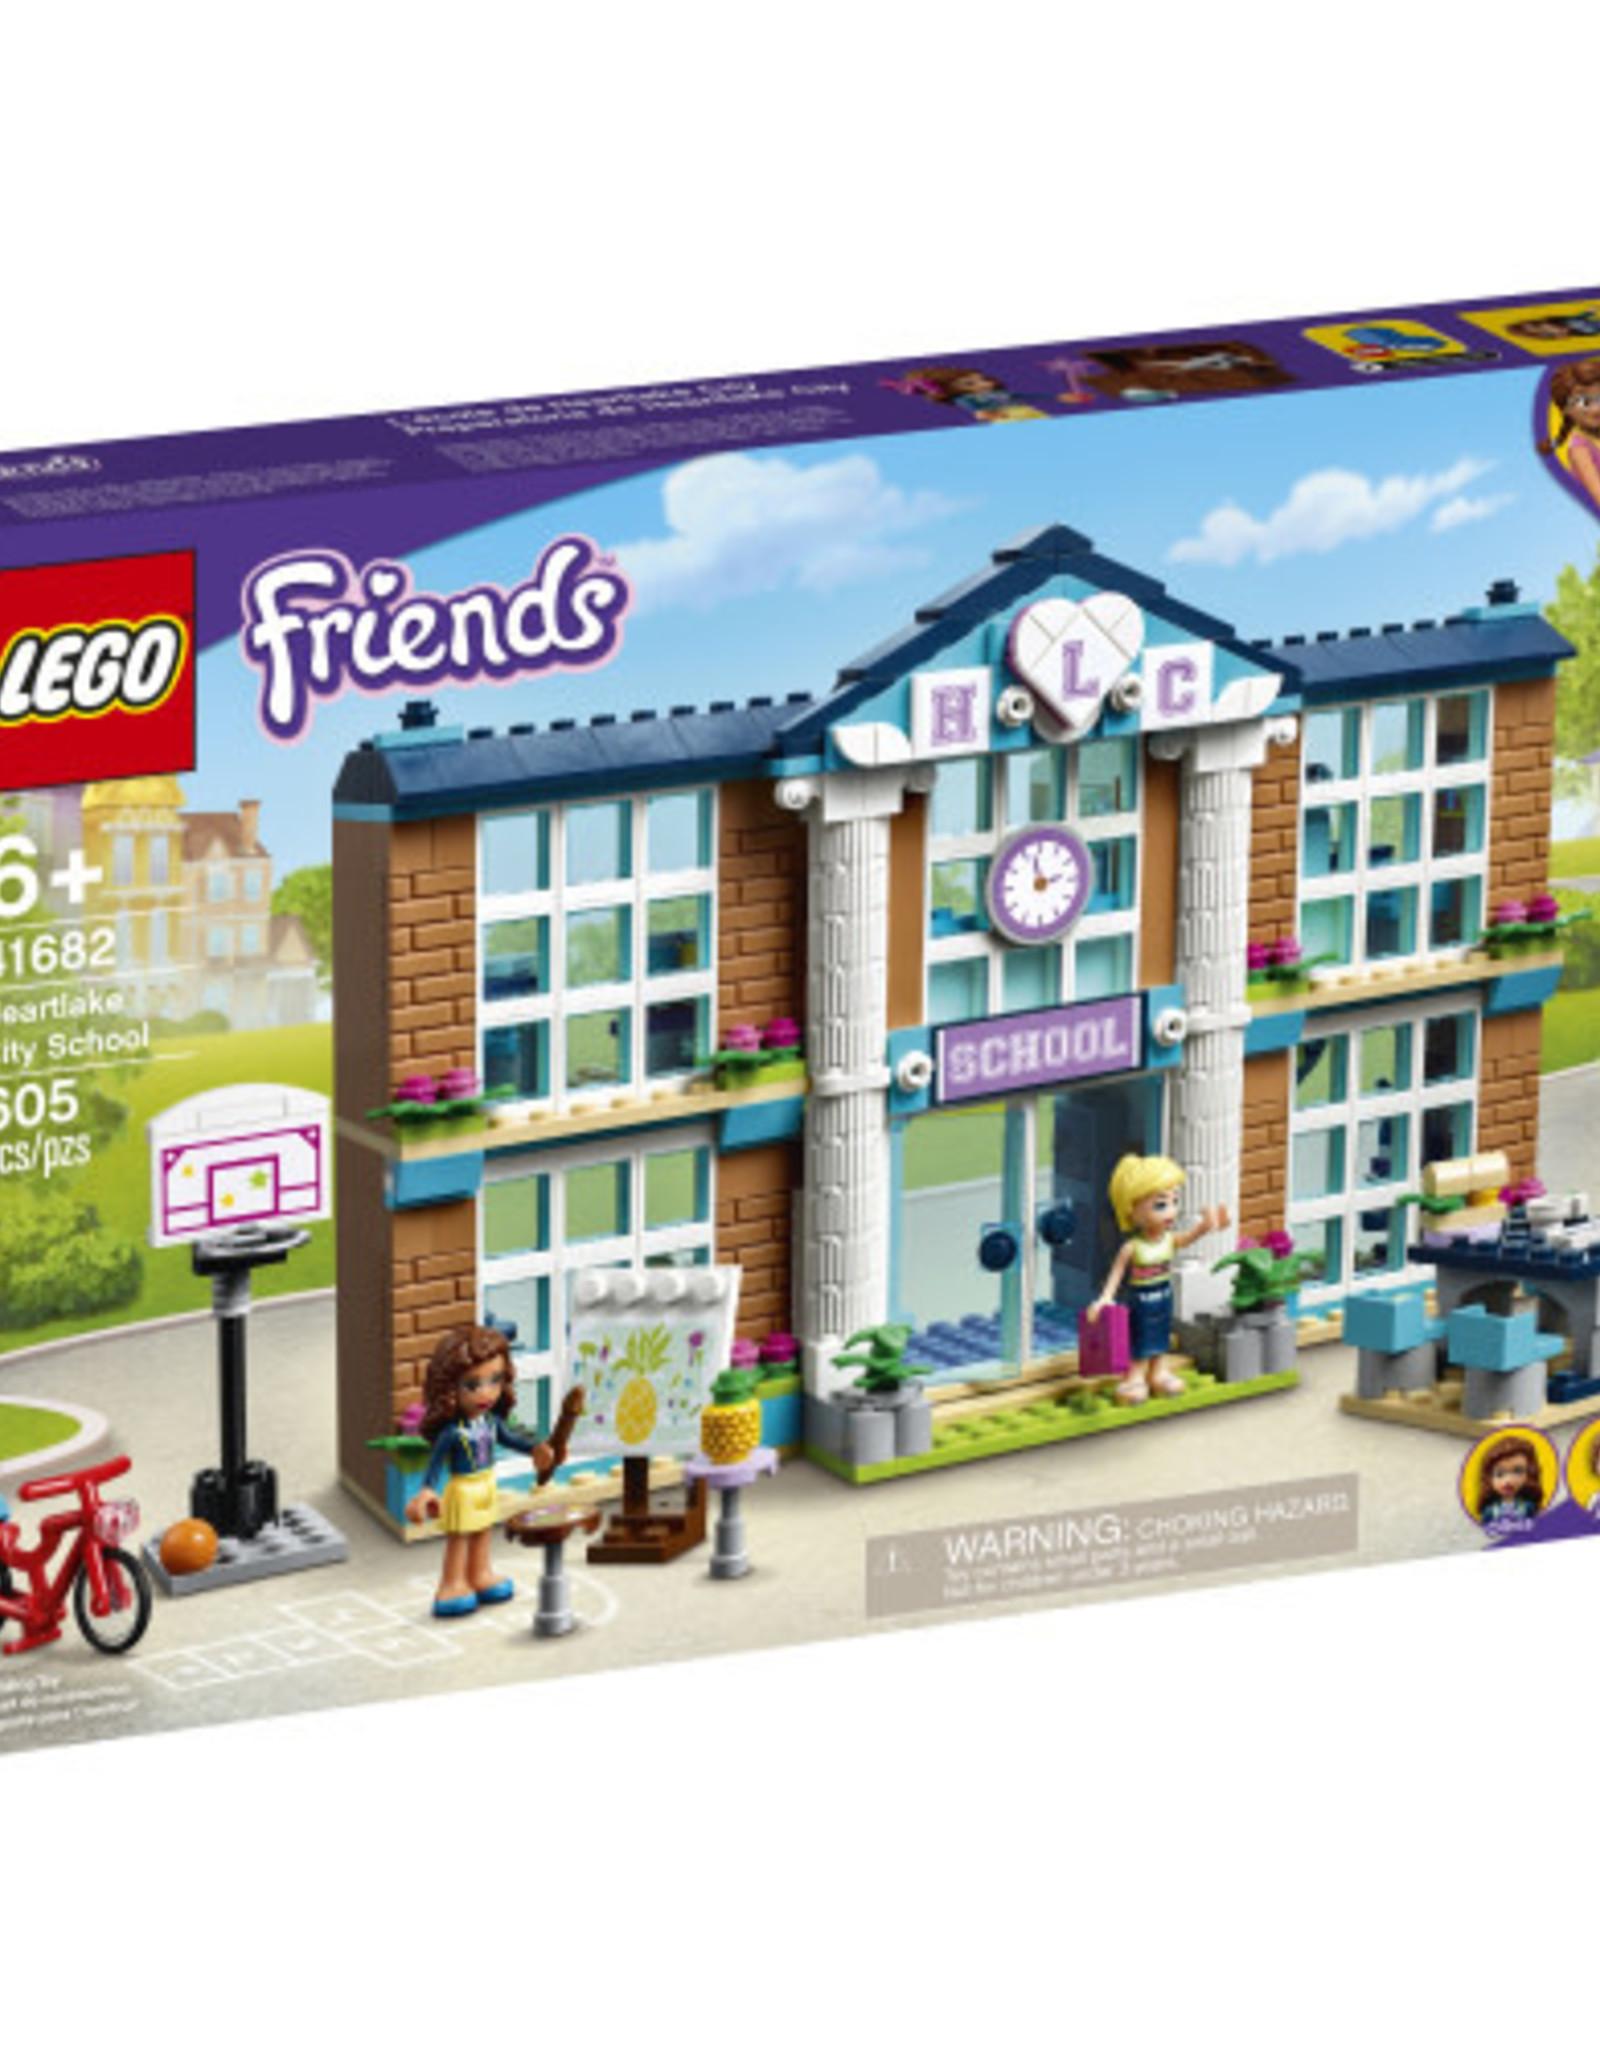 LEGO 41682 Heartlake City School V39